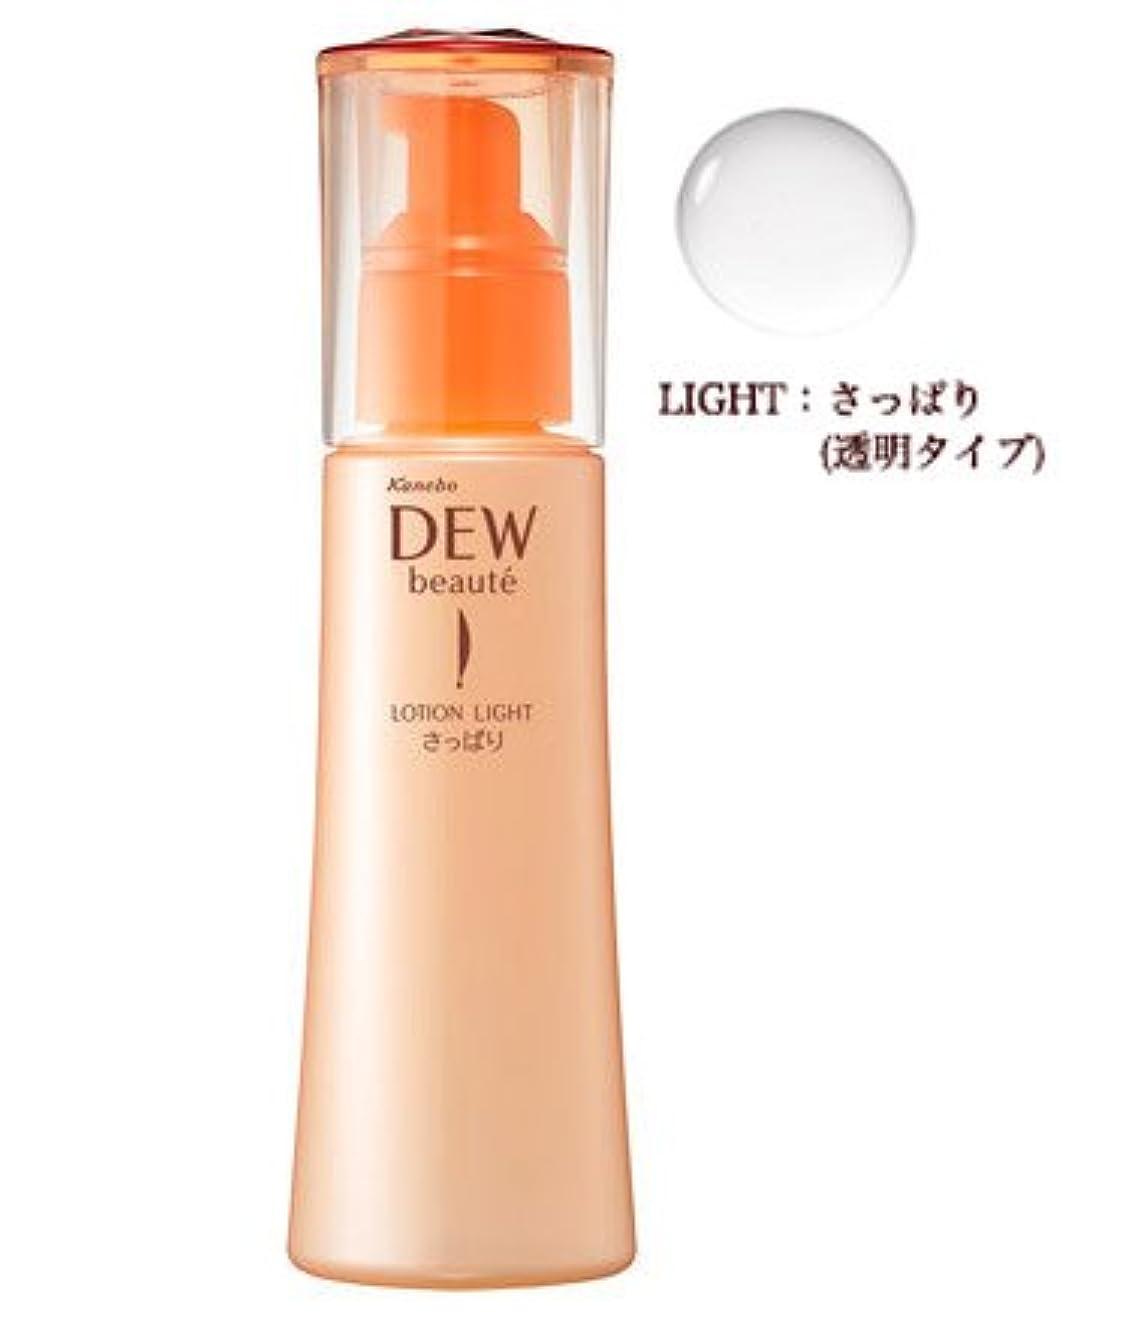 眠り中止します恐れる【カネボウ化粧品】DEW ボーテ ローションライト 150ml